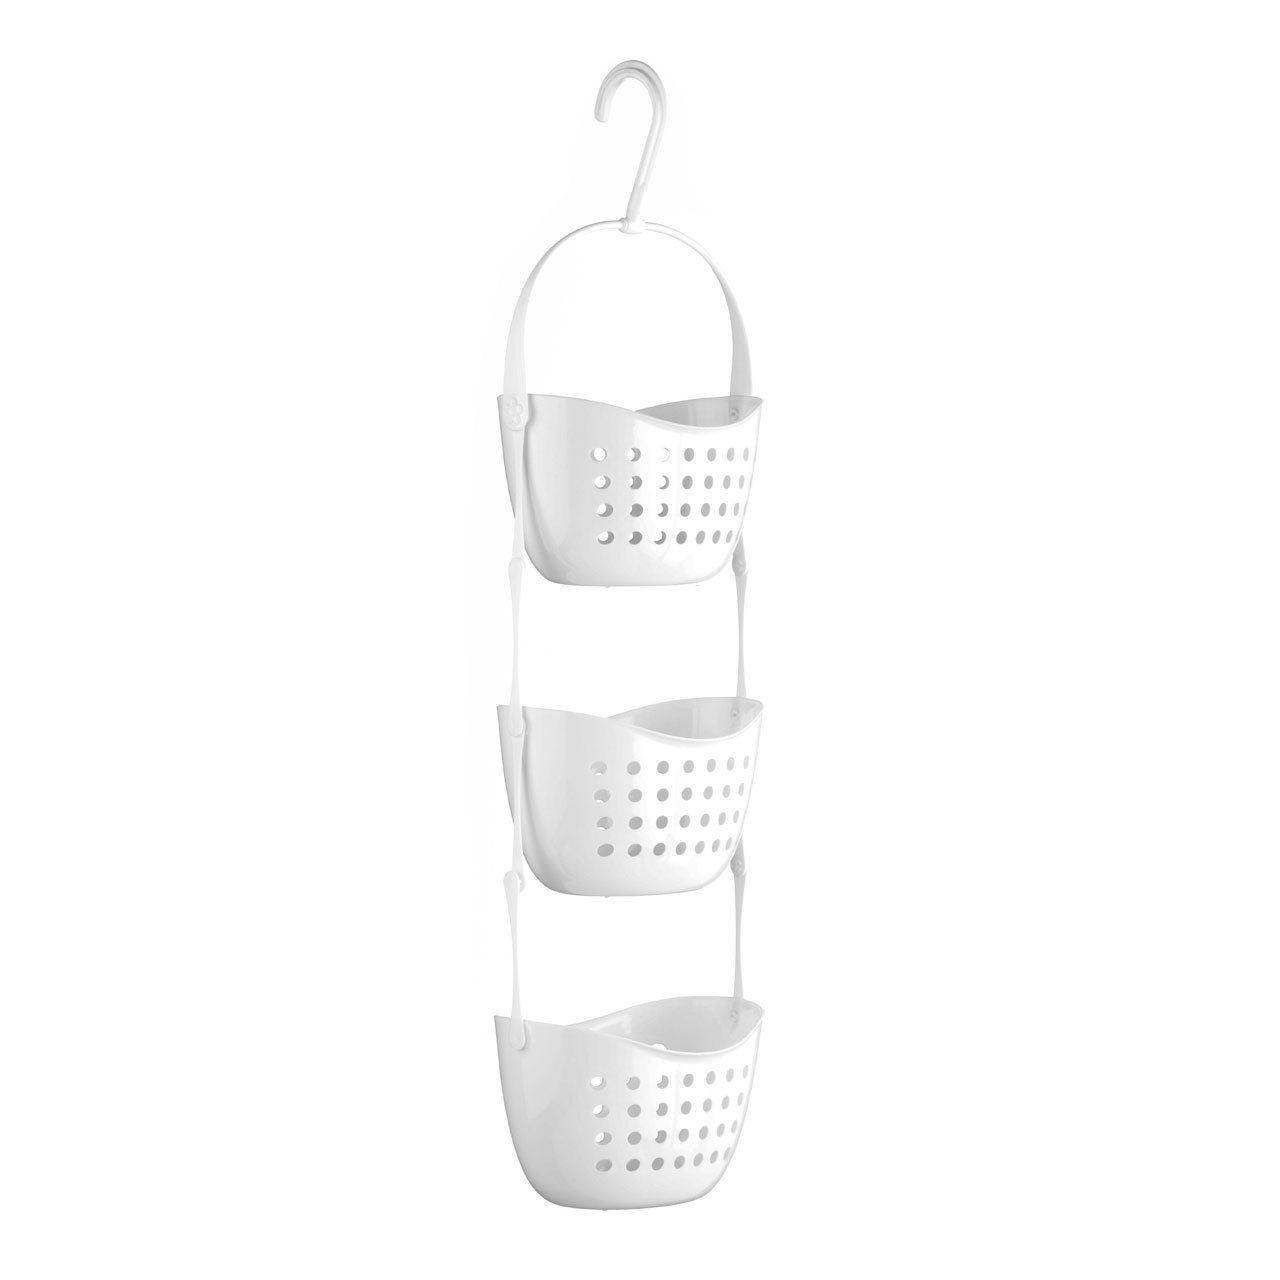 3 Tier Hanging Plastic 3pc Shower Caddy Rack Holder Basket Unit ...